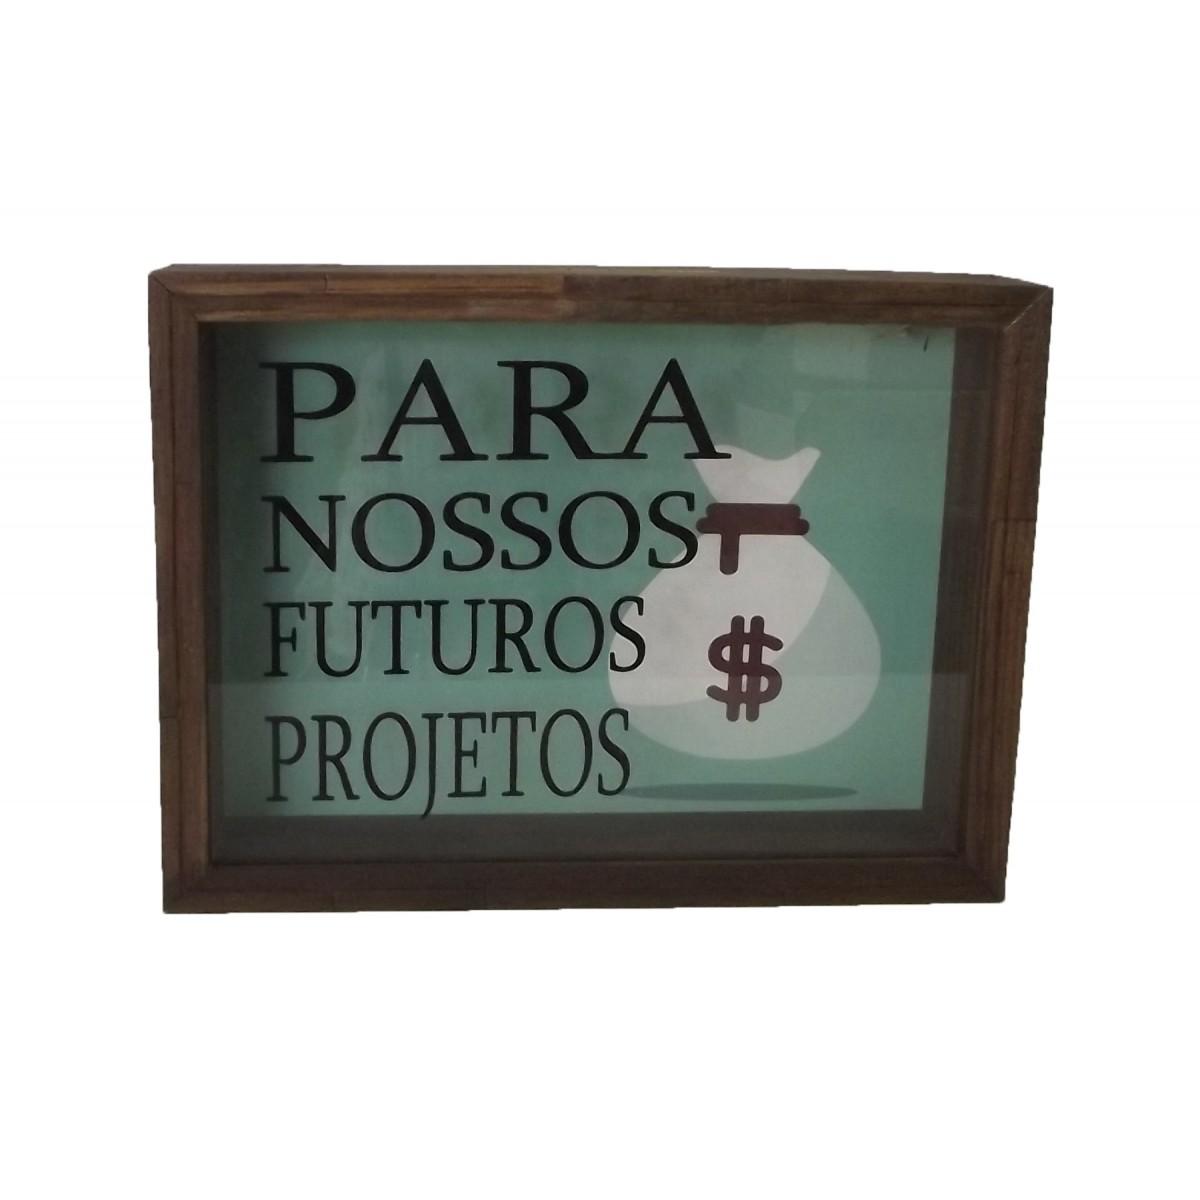 Quadro Cofre 21x15 cm Para futuros Projetos